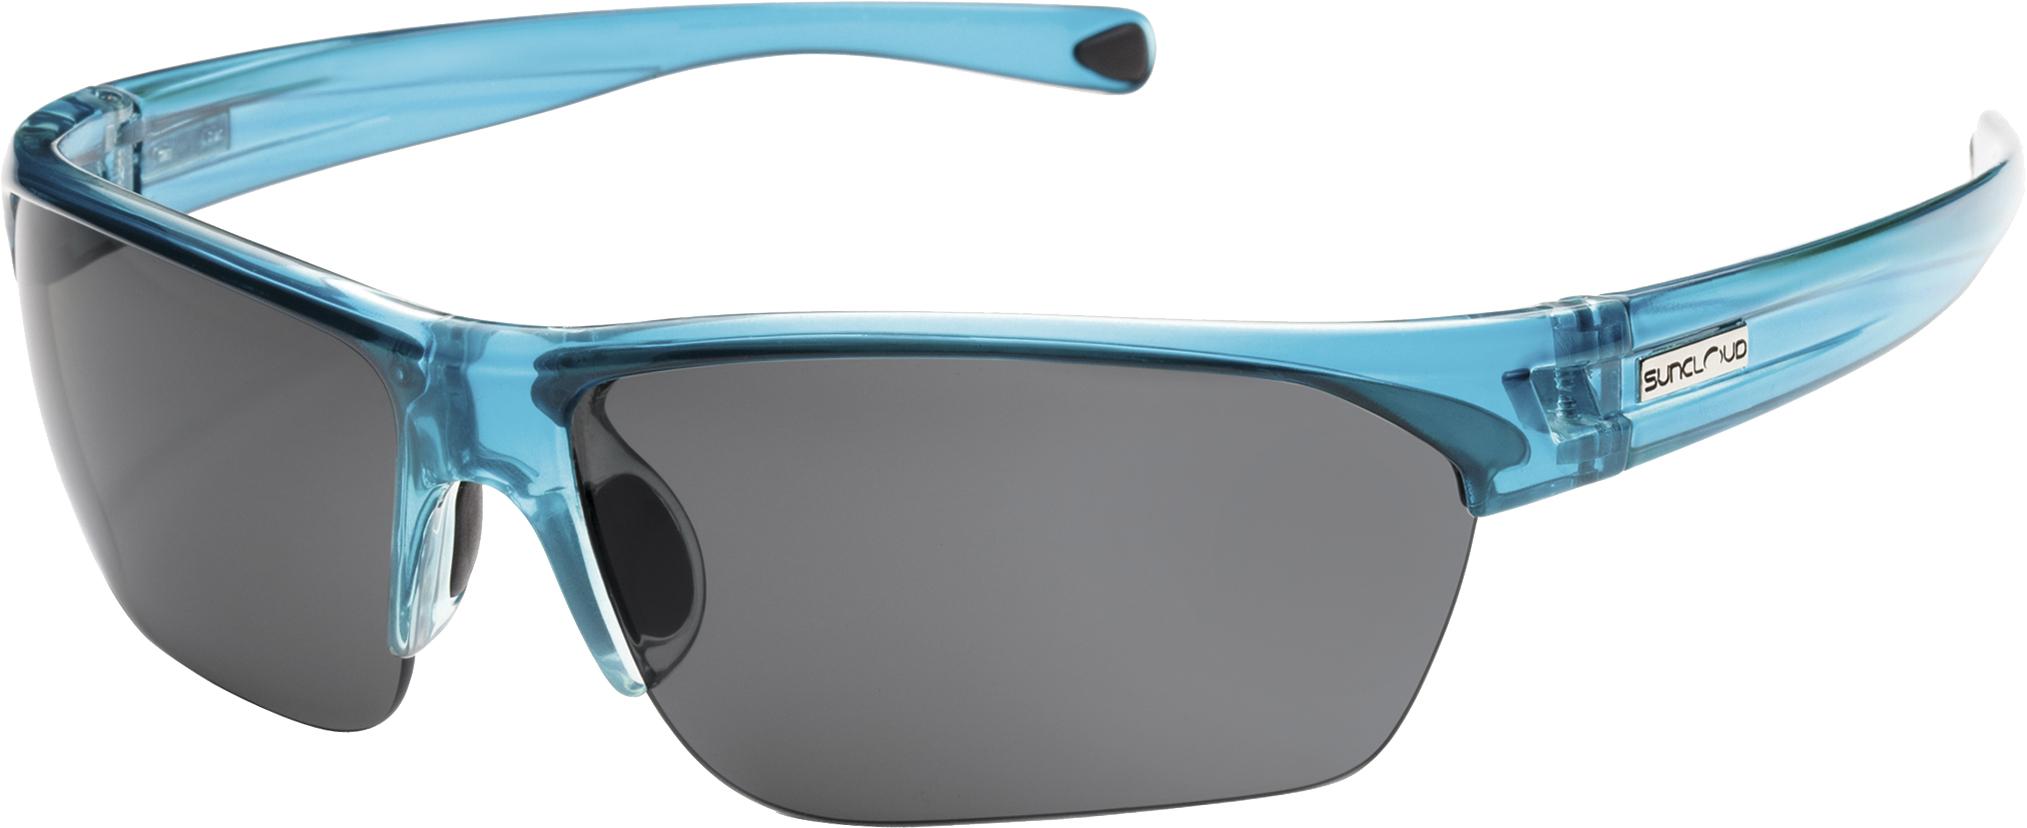 6cb595d988 Suncloud Detour Polarized Sunglasses - Unisex